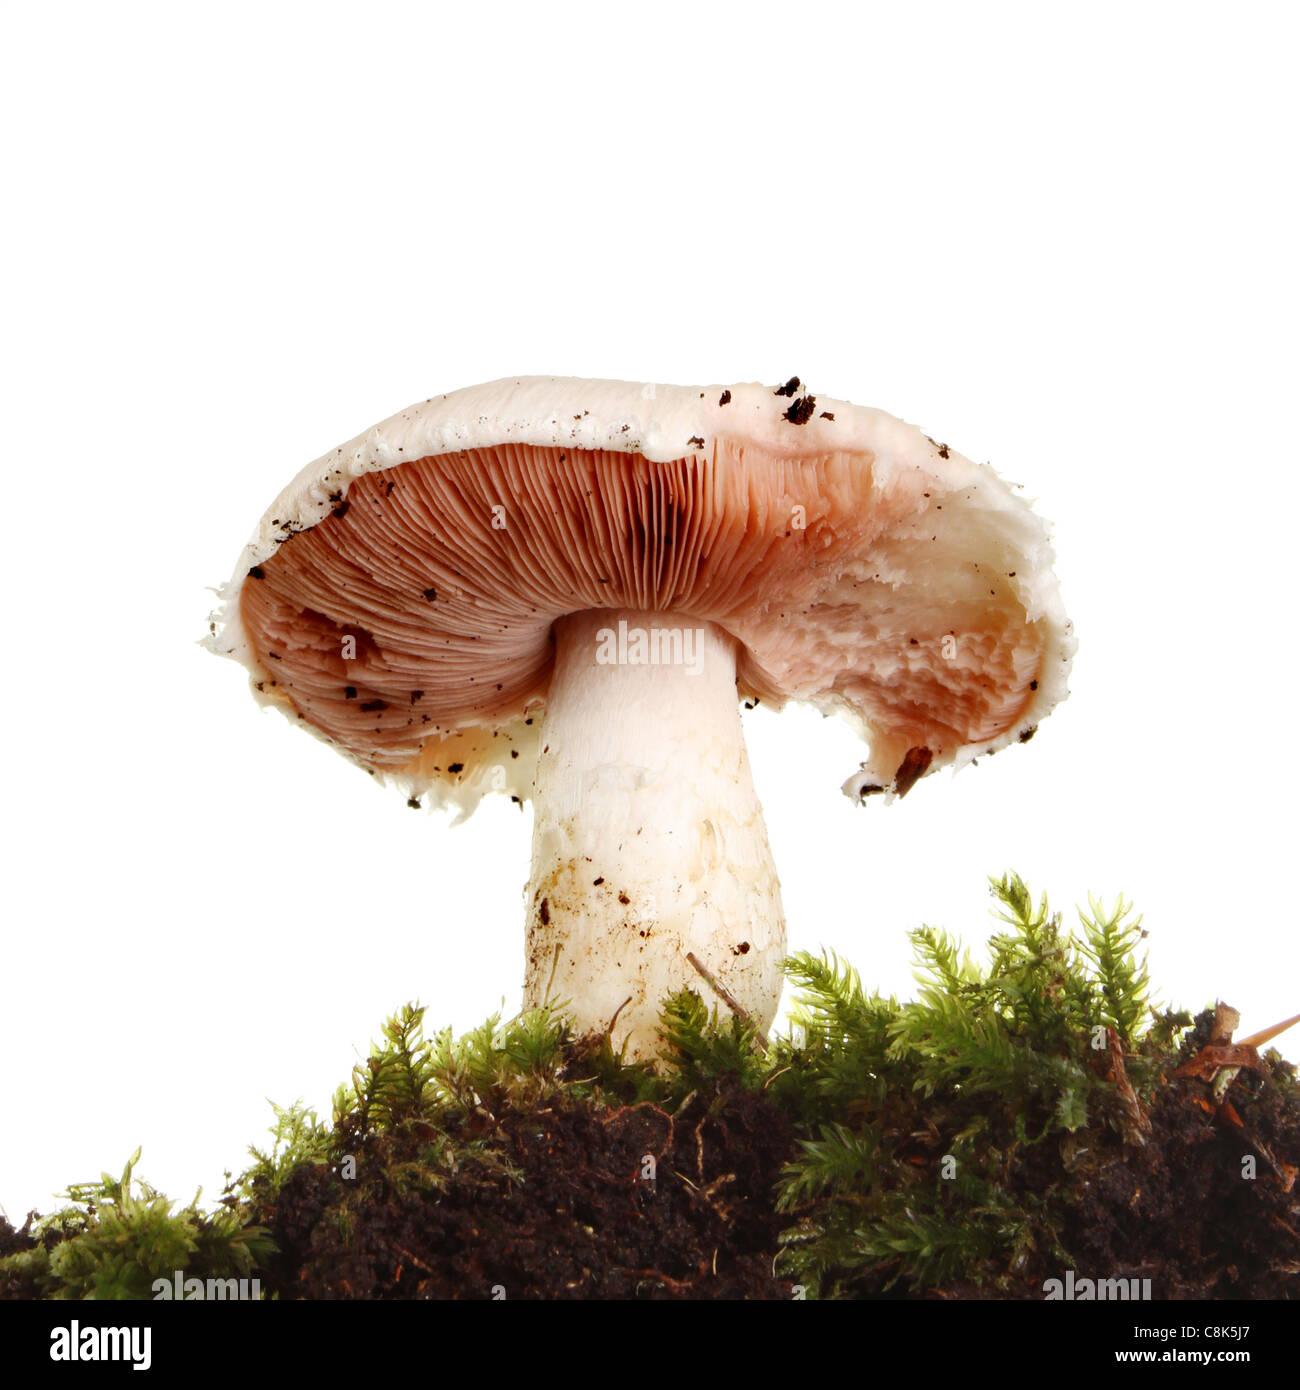 Primo piano di funghi selvatici crescente tra il muschio visto da un angolo basso Foto Stock